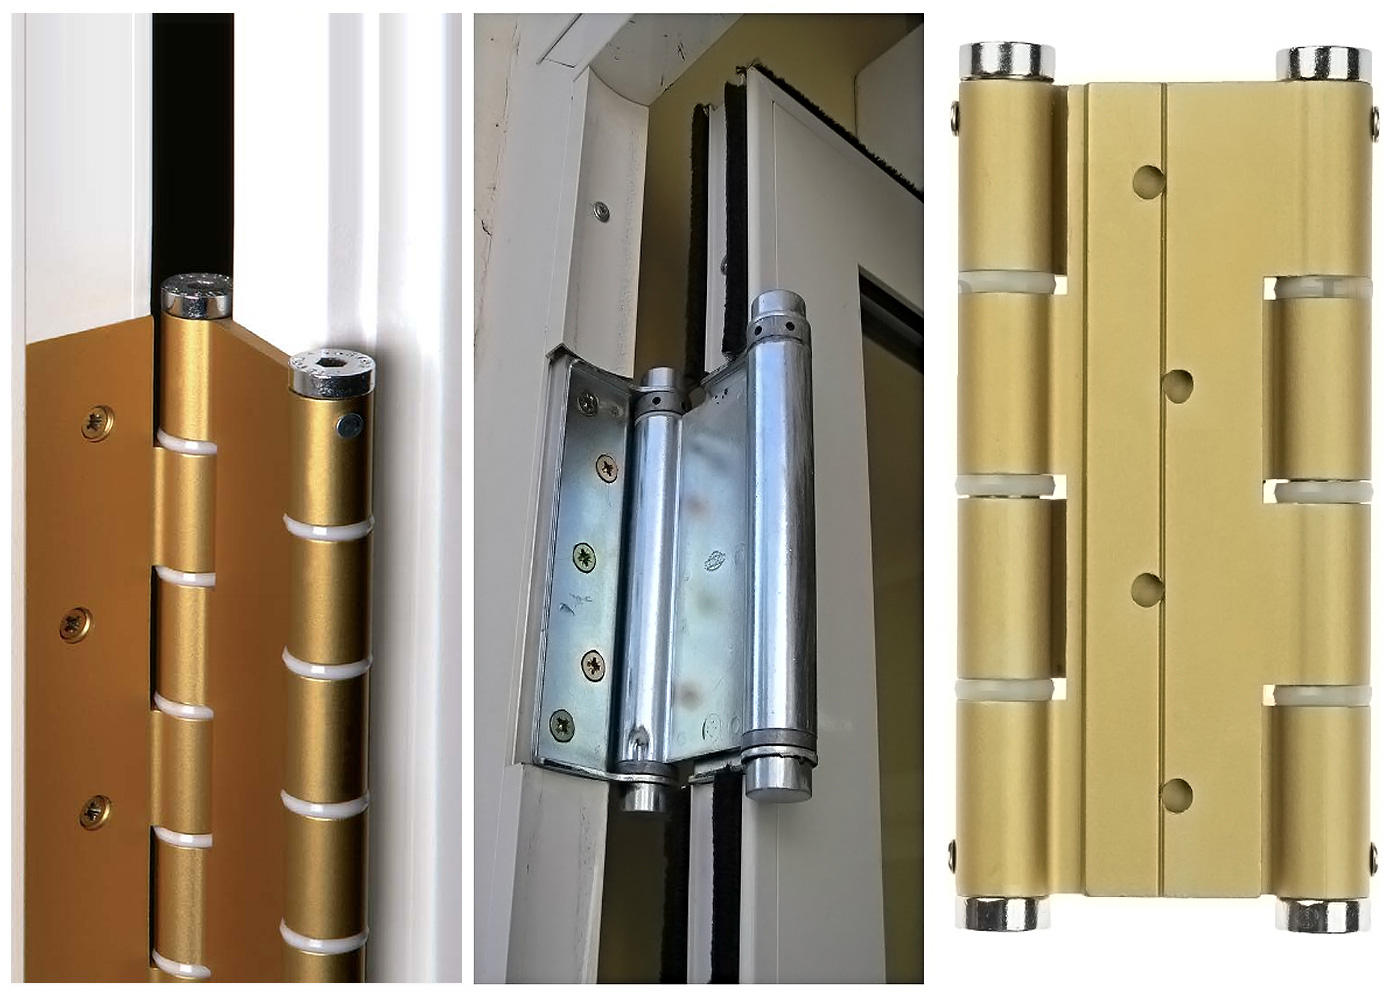 Пружинные петли для дверей имеют ряд преимуществ